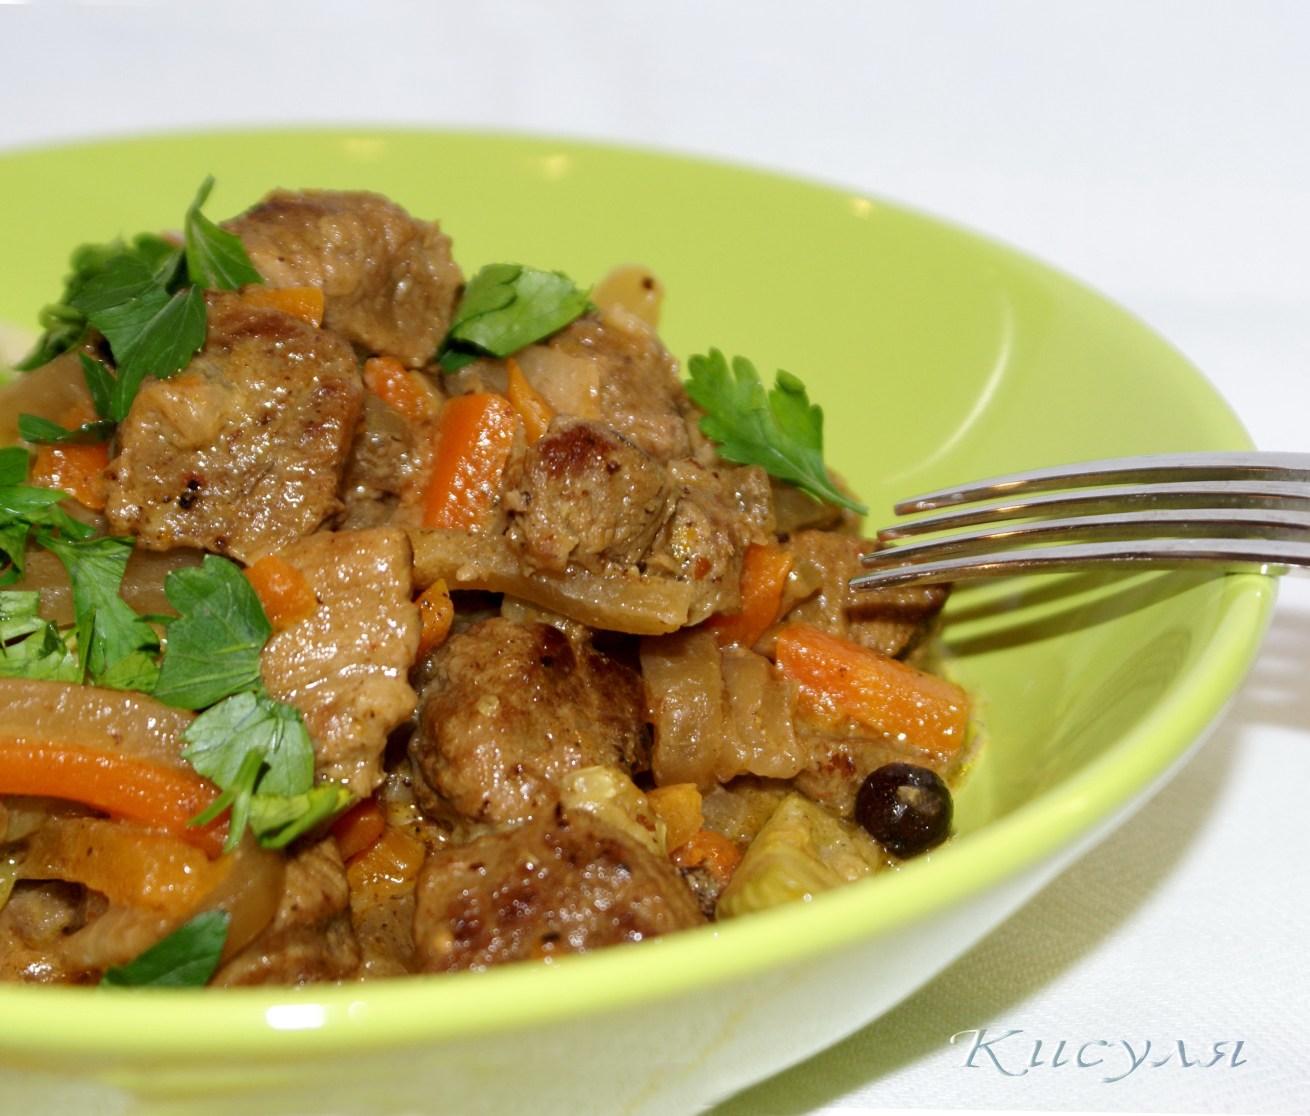 Азу по-татарски из говядины с солеными огурцами рецепт с фото в мультиварке